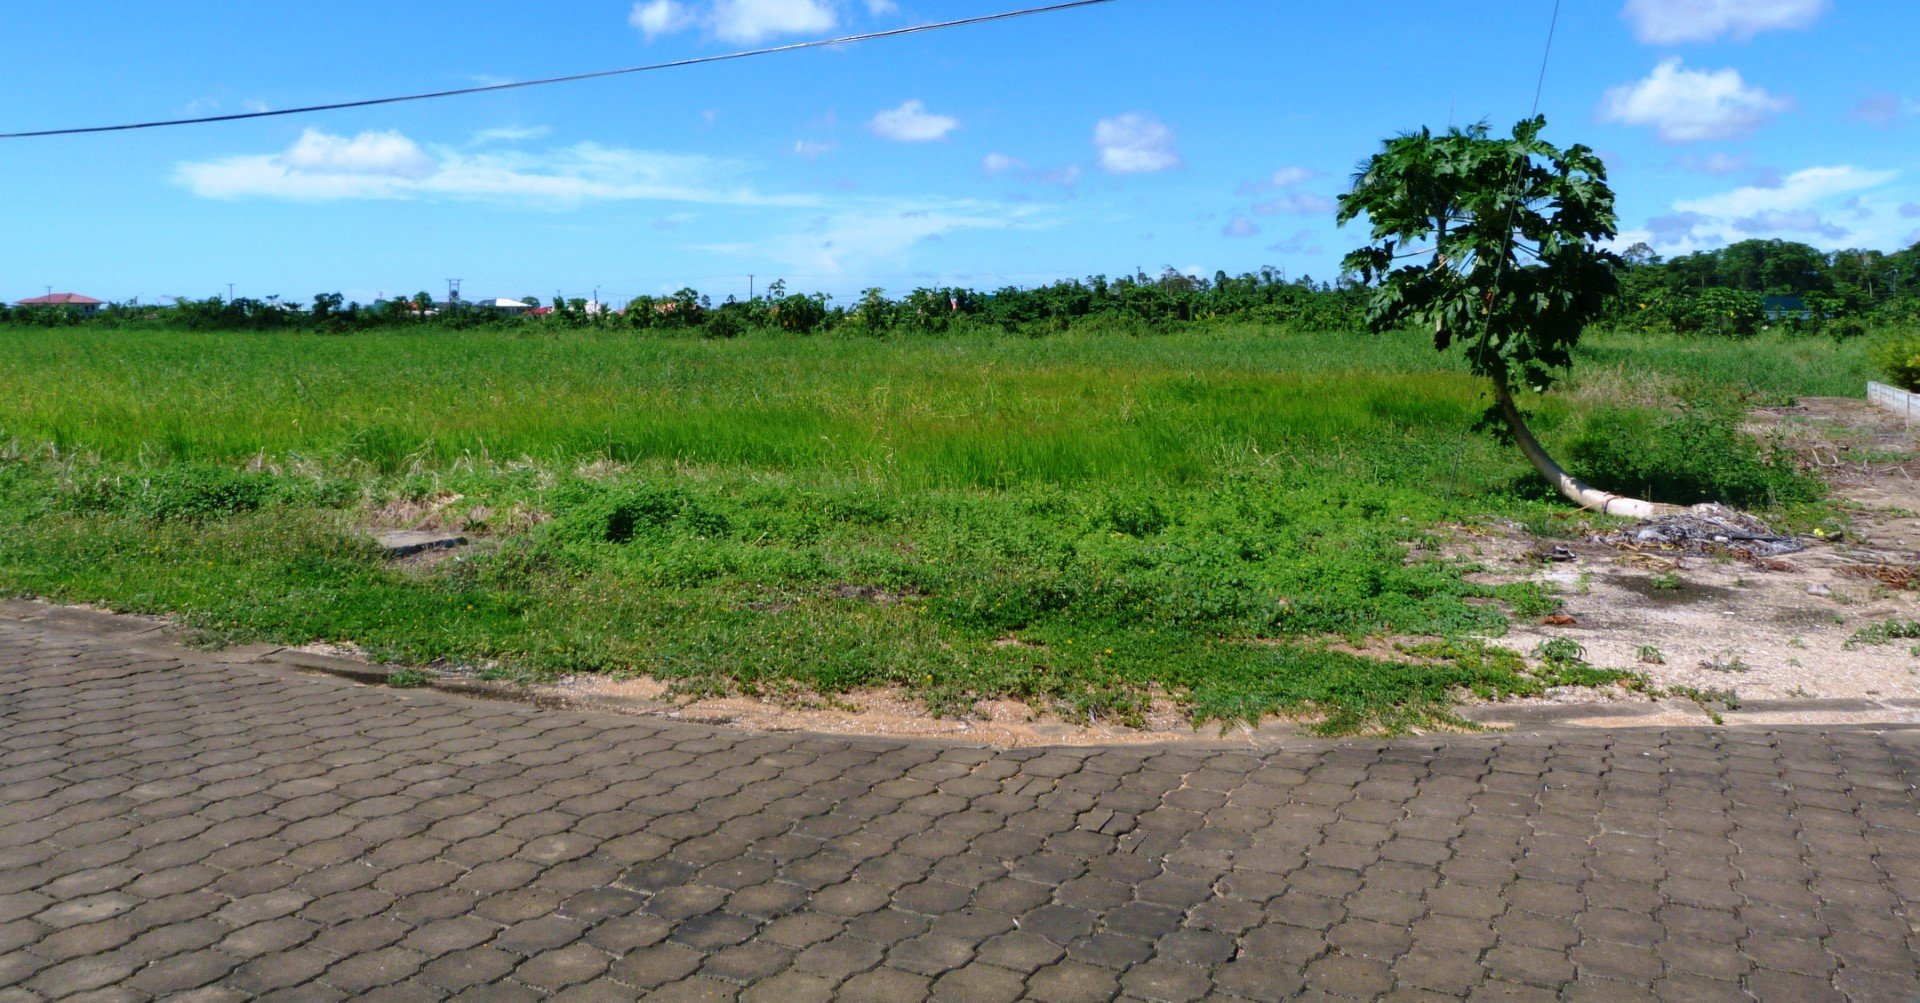 Palm Village 16 - Terrein op 50 meter afstand van de zee. Voel de zwoele zeewind! - Surgoed Makelaardij NV - Paramaribo, Suriname